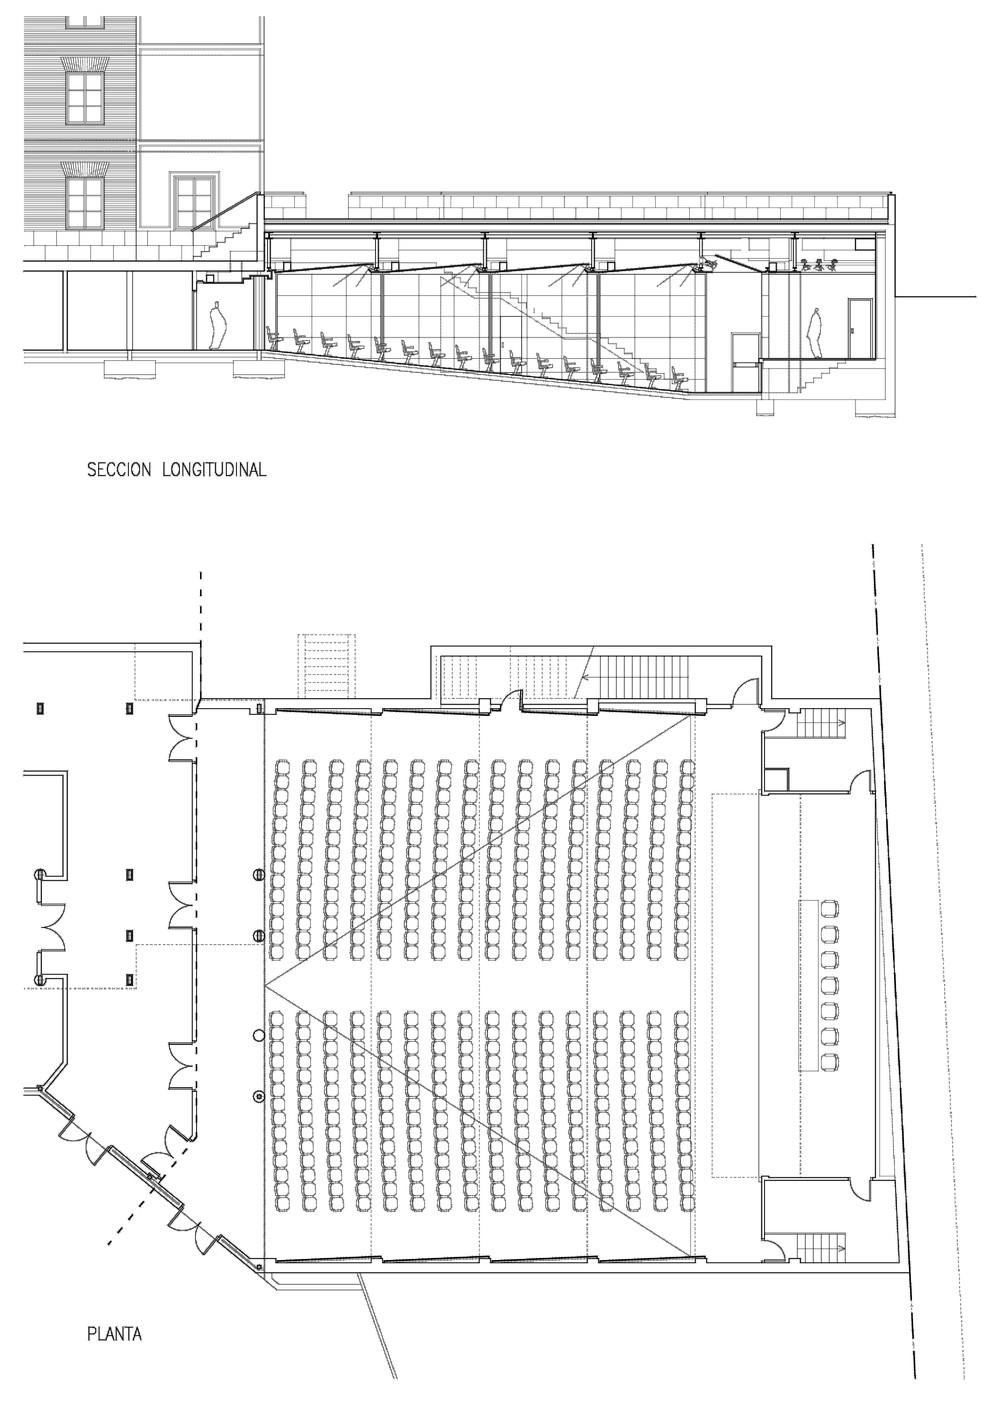 Planos del salón de actos, para congresos, convenciones u otras citas. Tendrá unas 450 butacas y será subterráneo, a diferencia del salón de eventos, que sí irá en una edificación nueva.